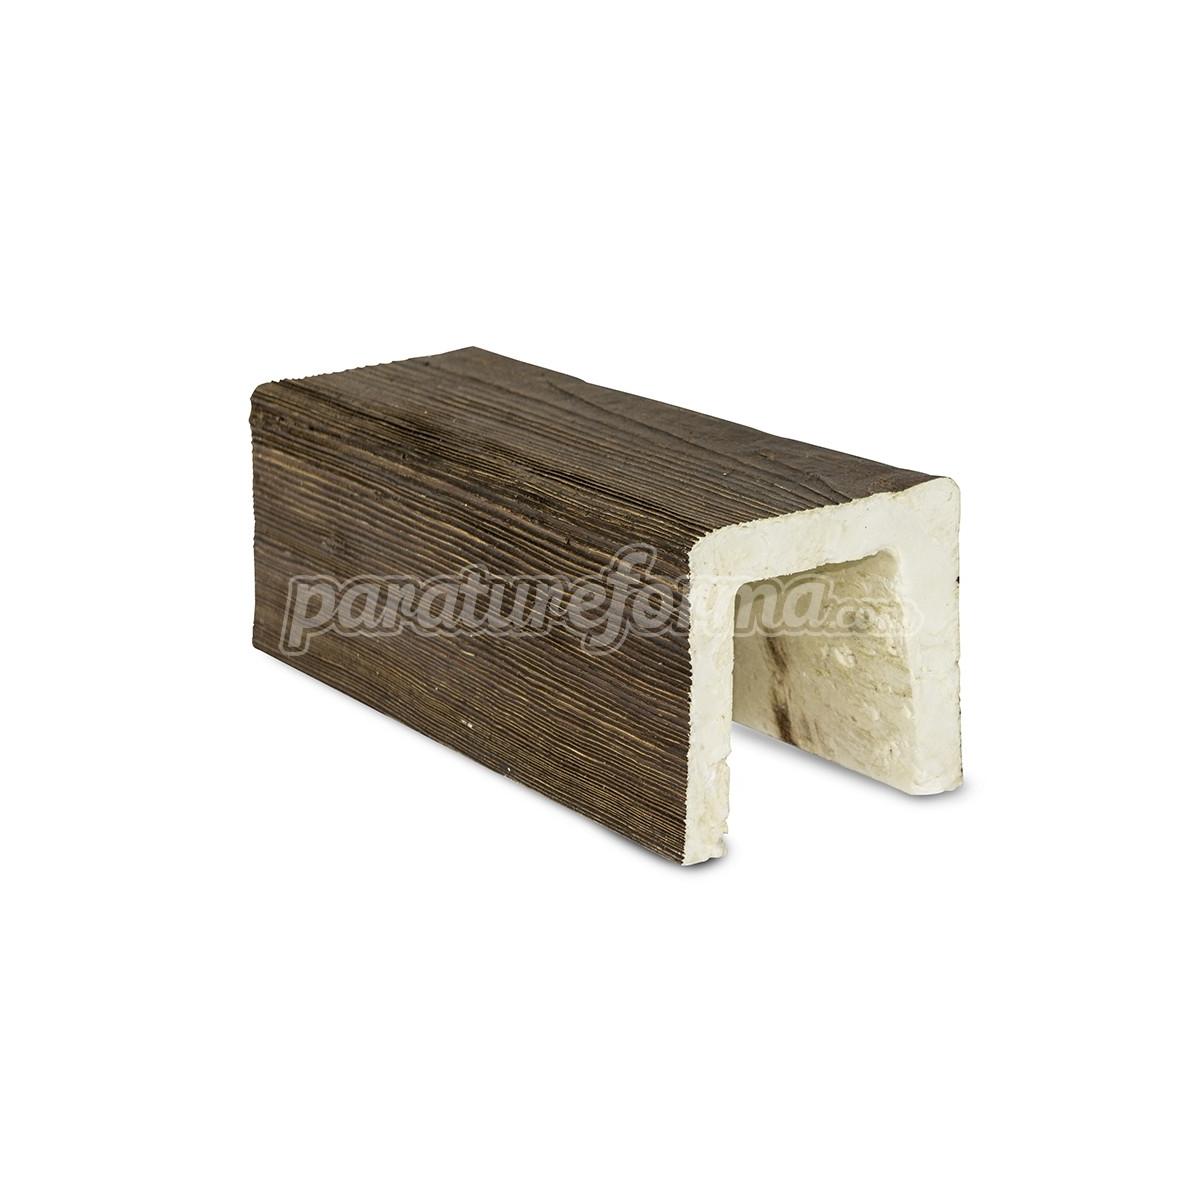 Viga 300x10x10  imitación madera Vigas imitación madera cuadradas